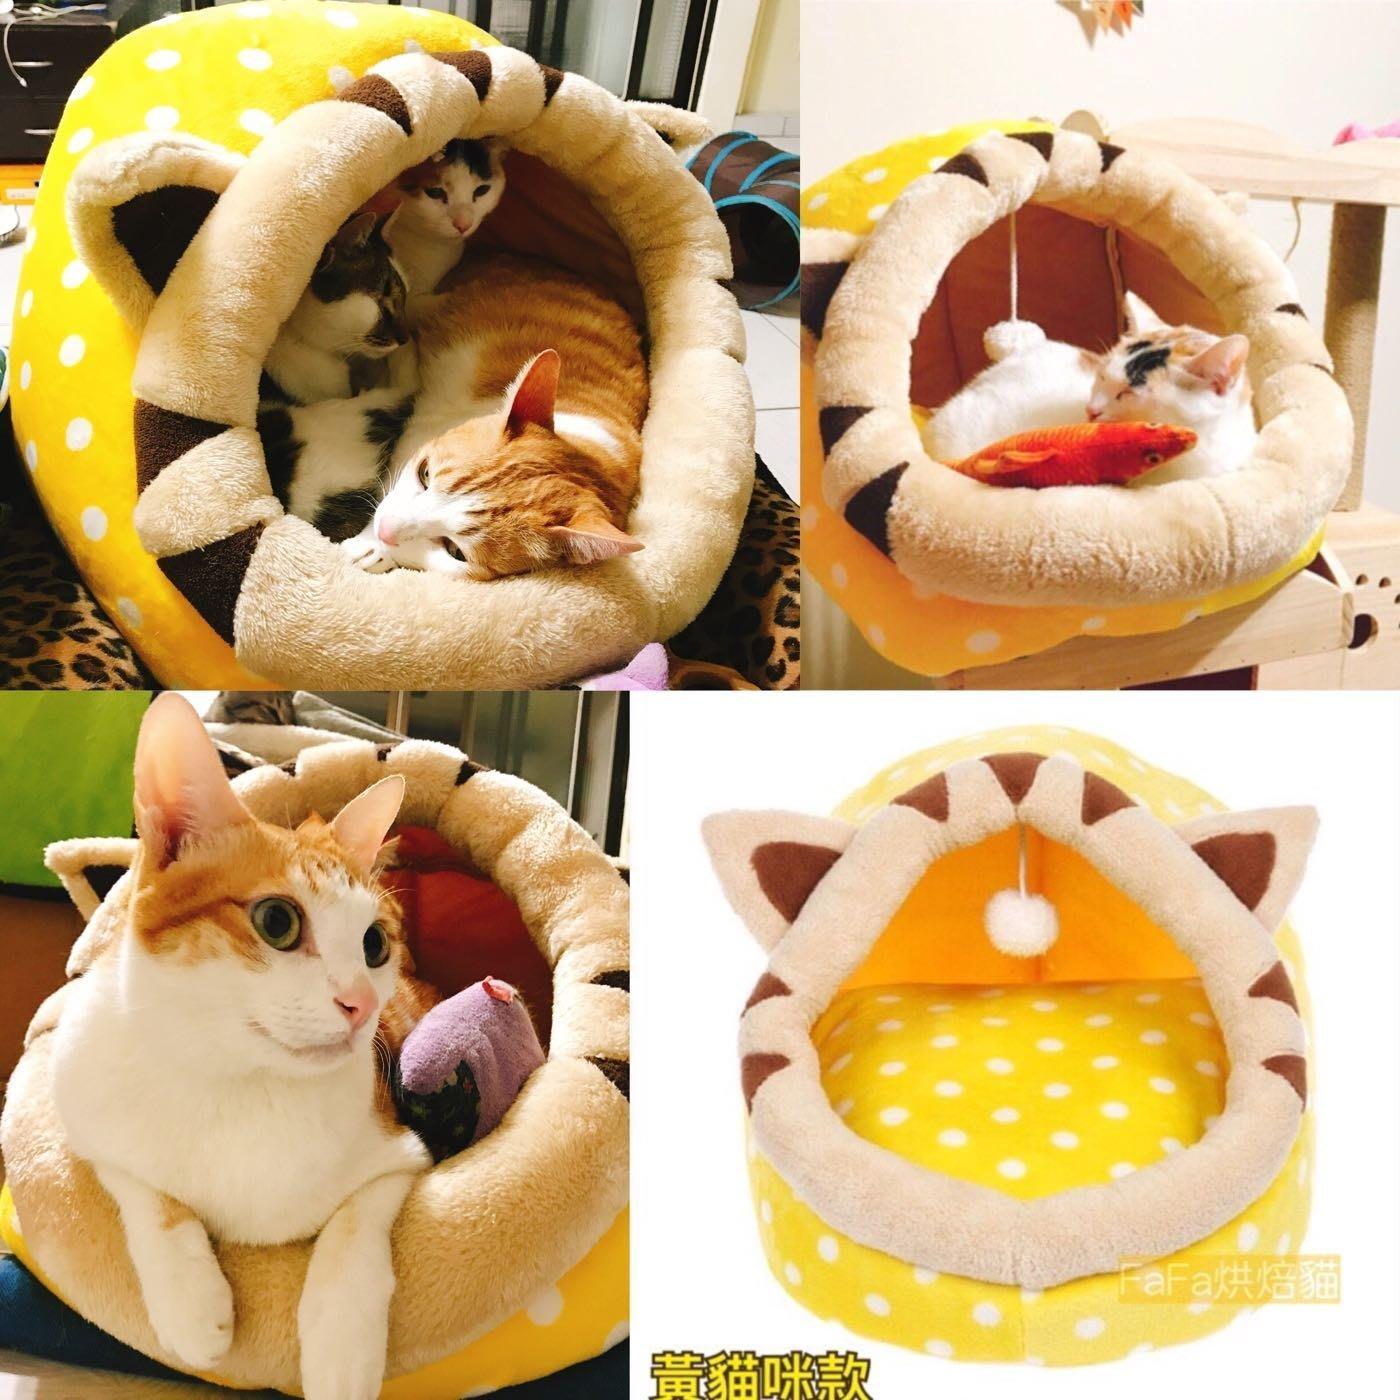 現貨M-拖鞋窩 內墊可拆洗 寵物窩 貓咪造型窩 貝殼窩 貓咪 睡窩 漢堡窩 貓窩 狗窩 貓睡窩 貓屋 貓跳台 船型窩